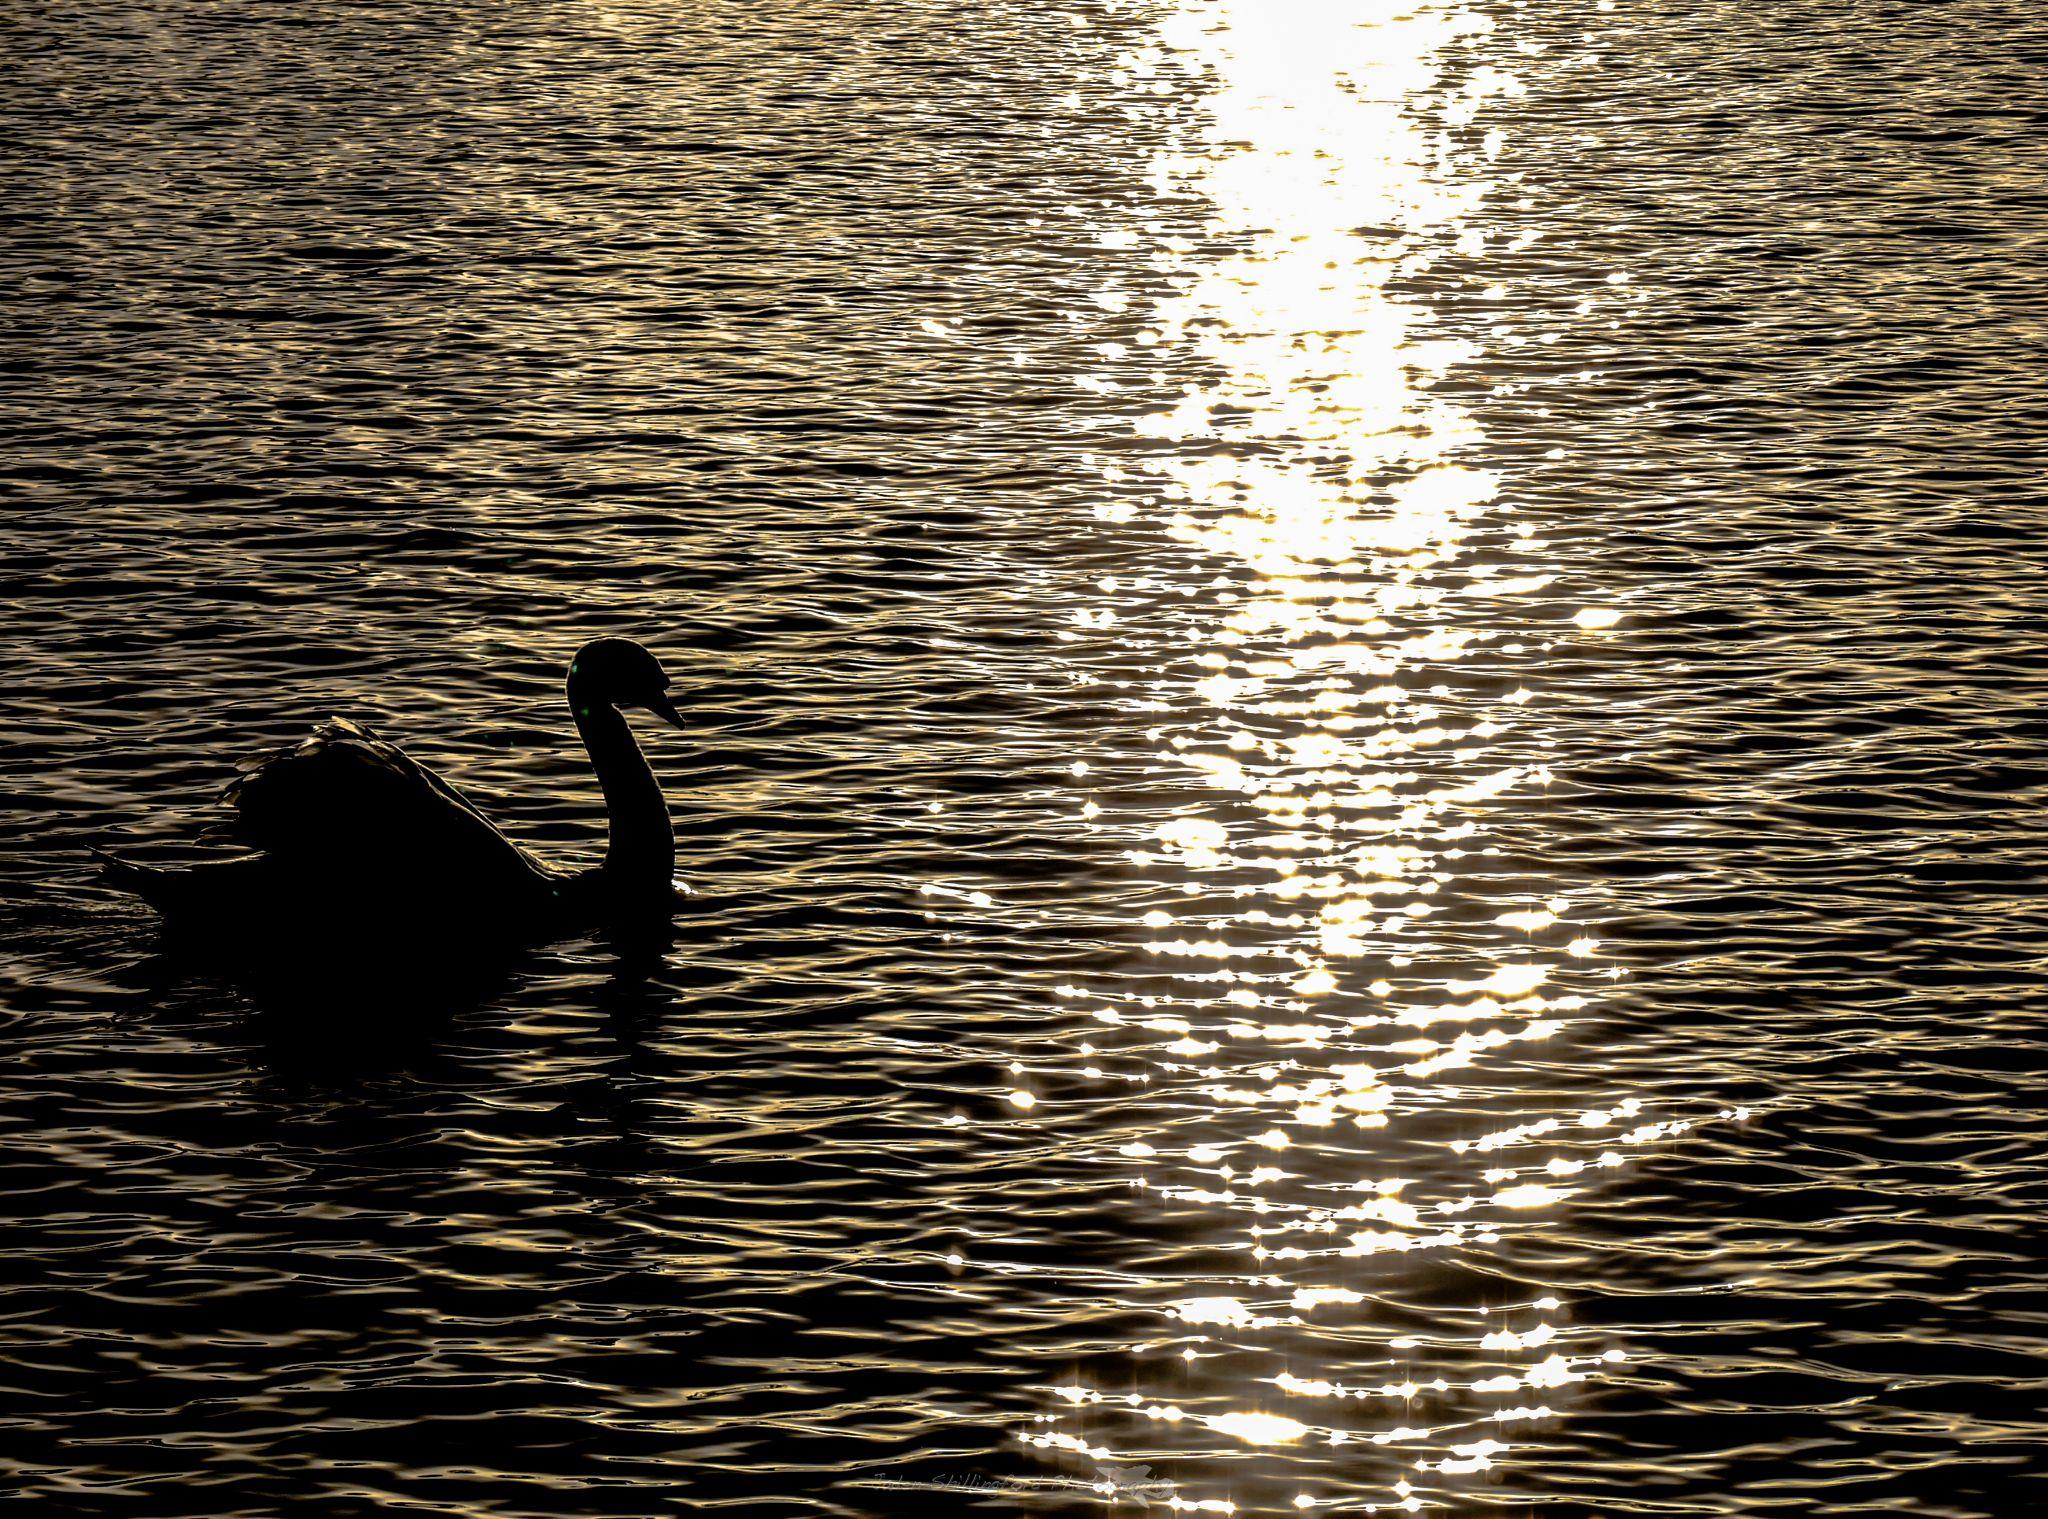 sunset swan by jaden shillingford